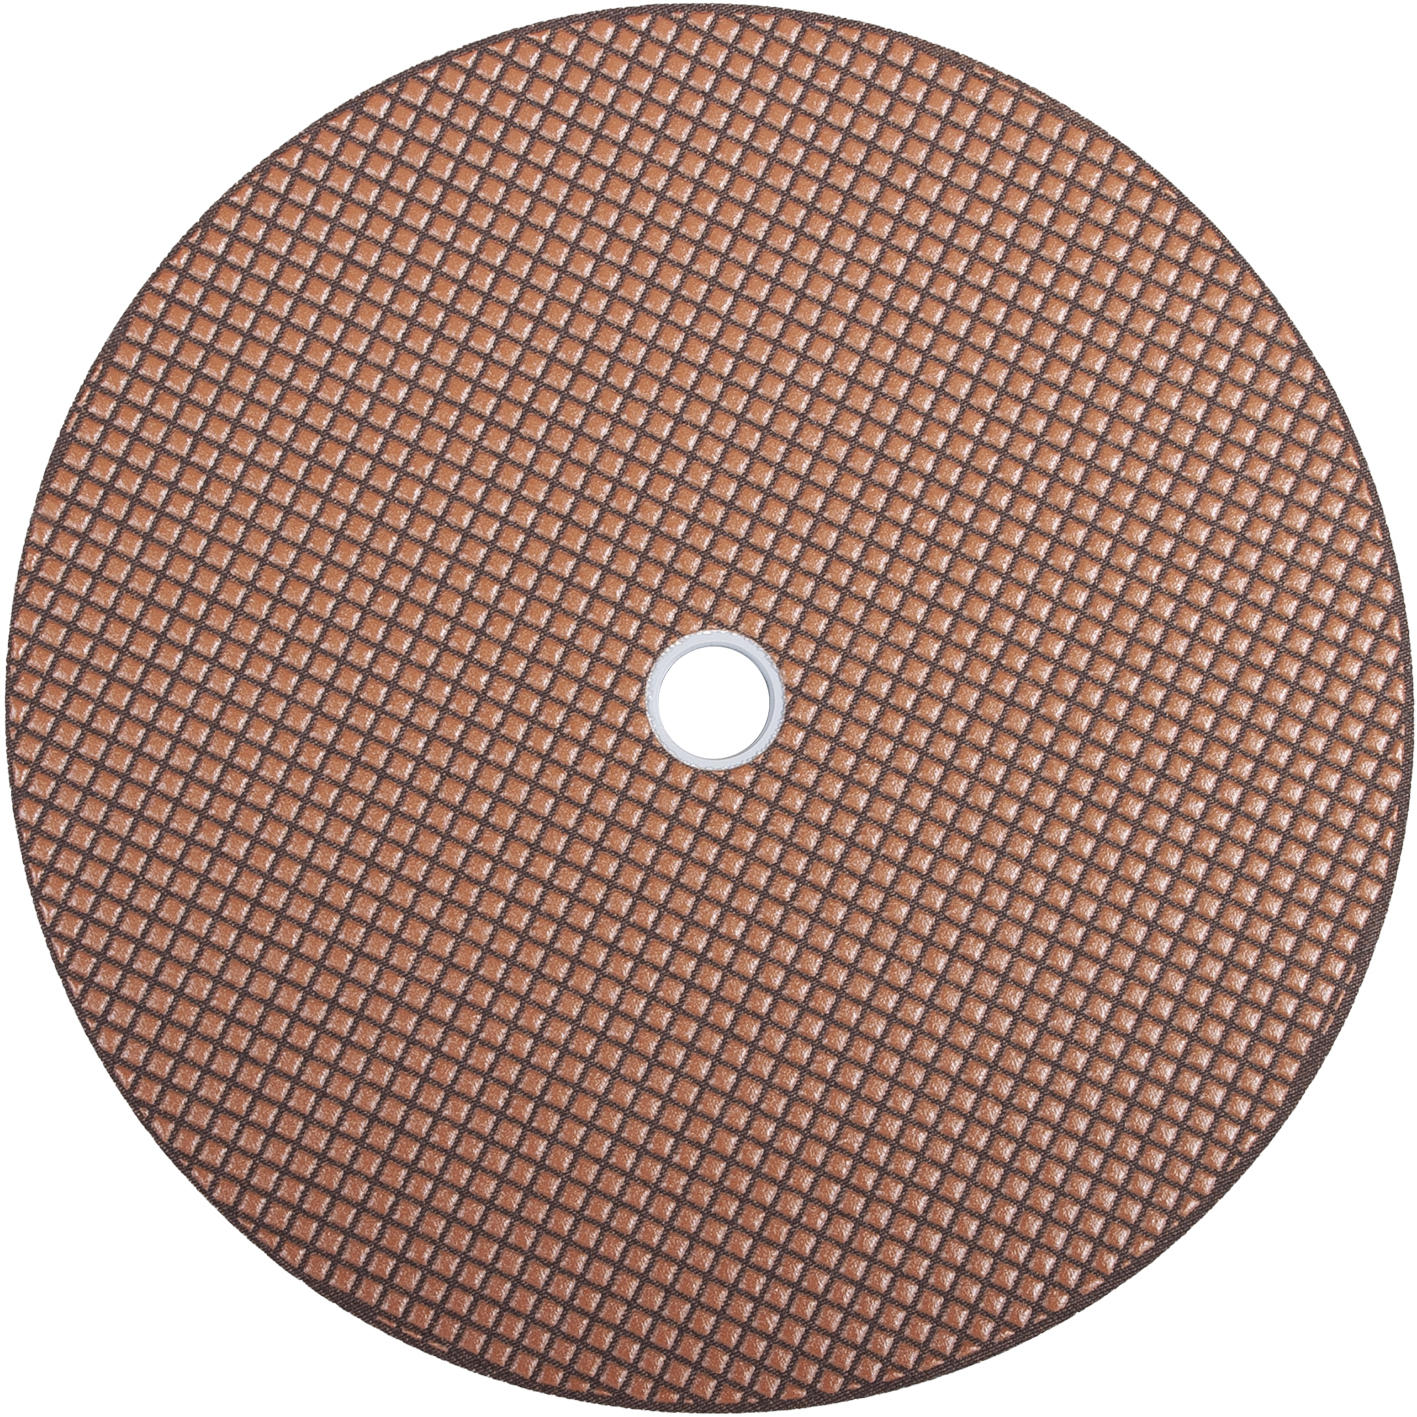 Diamantschleifteller OCTRON ø 250 mm | Klett | Korn 400